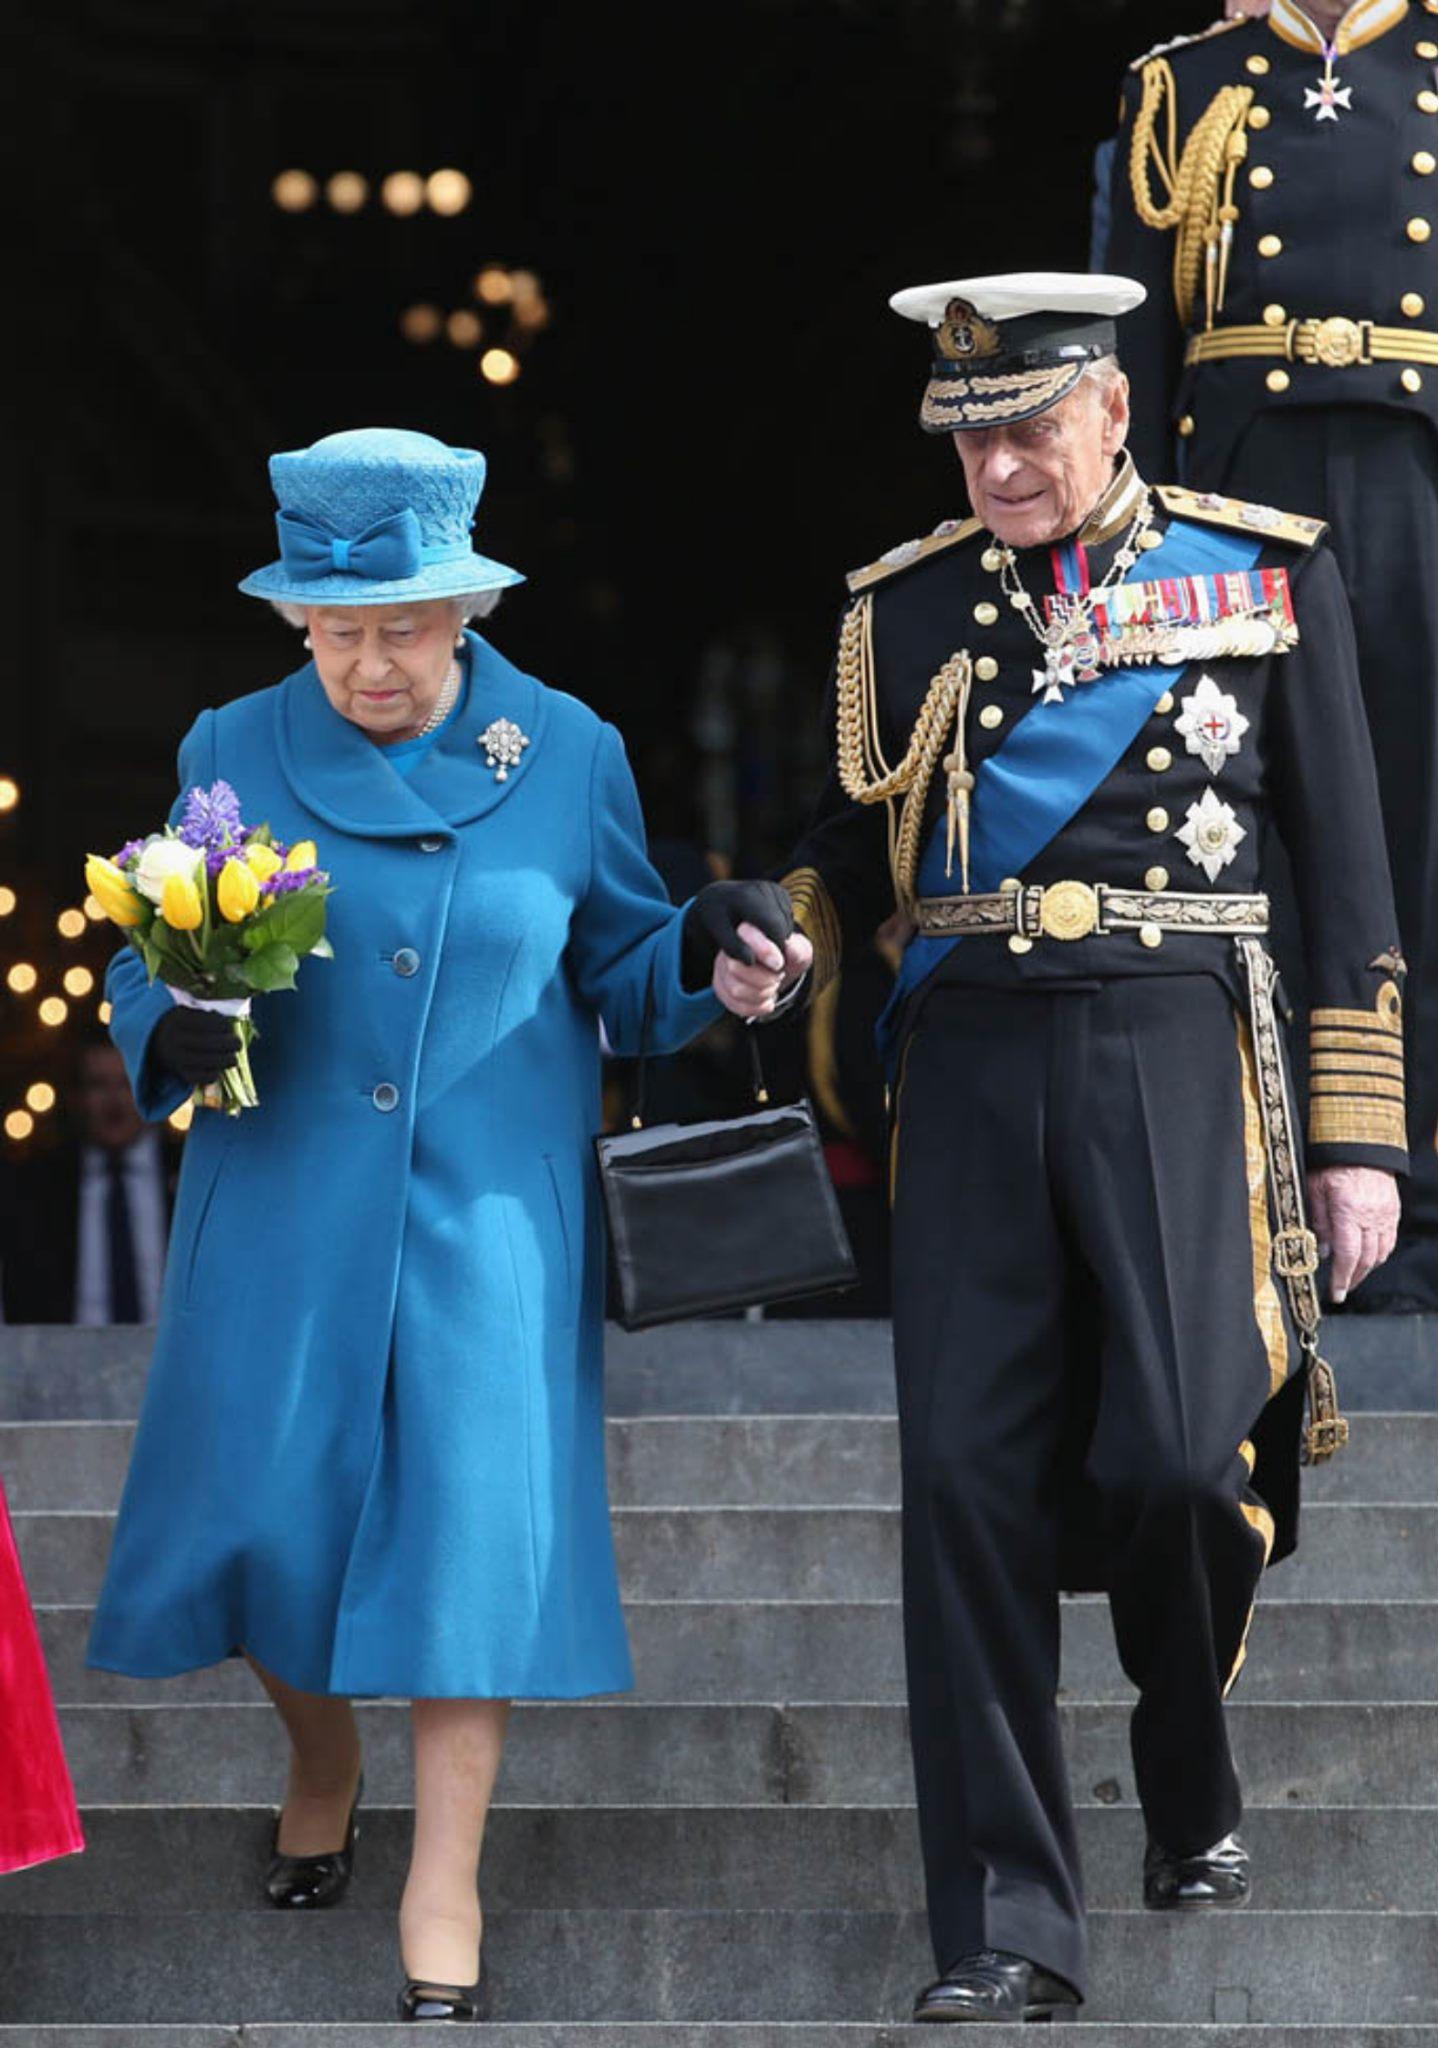 II. Erzsébeten nem fognak se a válságok, se az idő